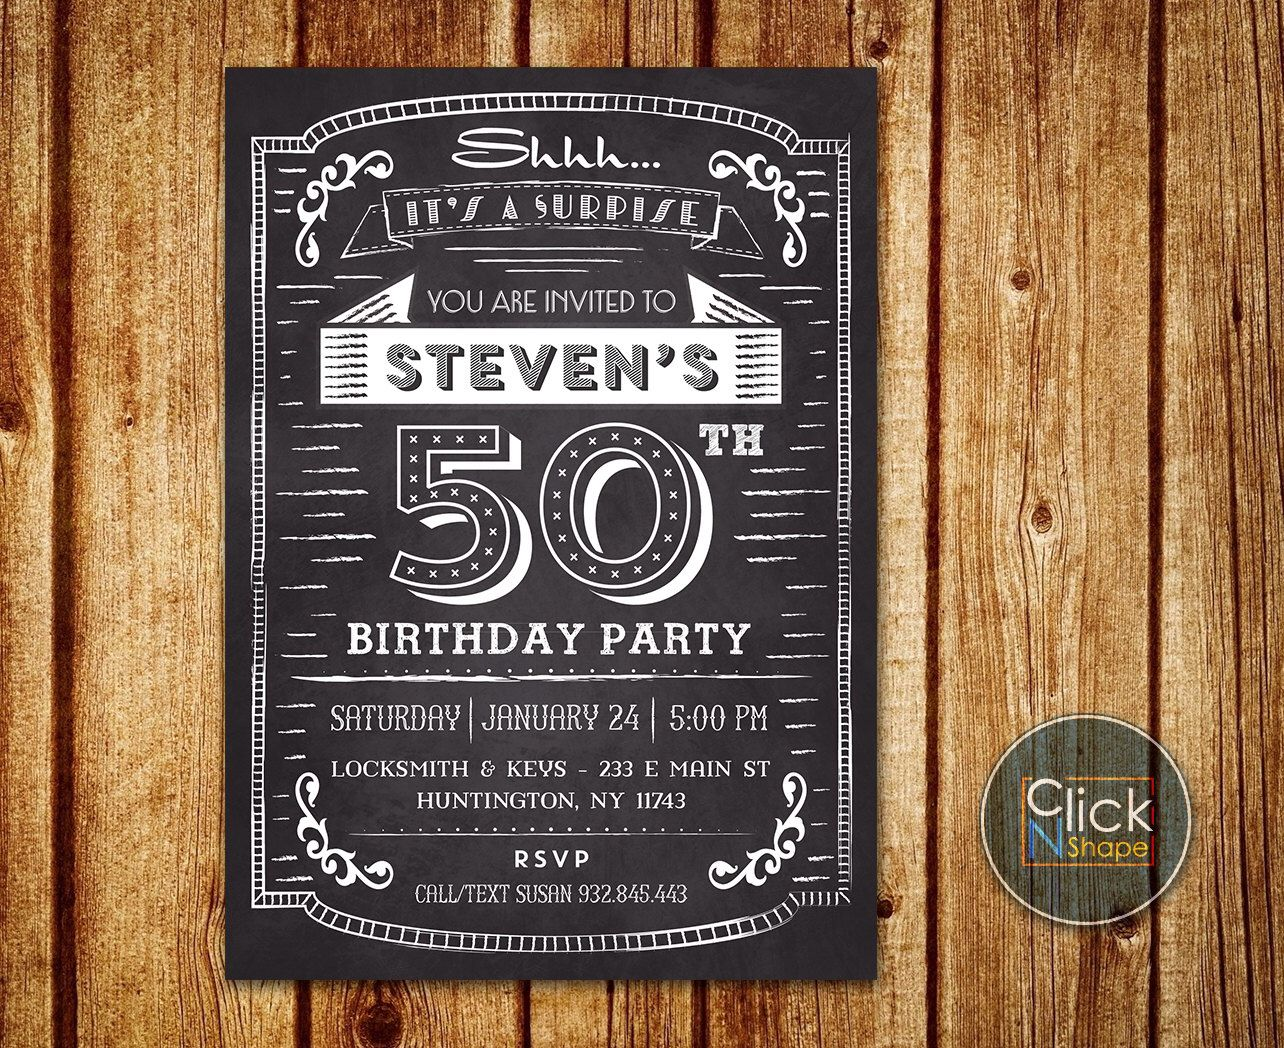 birthday invitatioletter to friends%0A   th   th   th   th Birthday Invitation for Man    Adult Birthday Invitation     Shhh